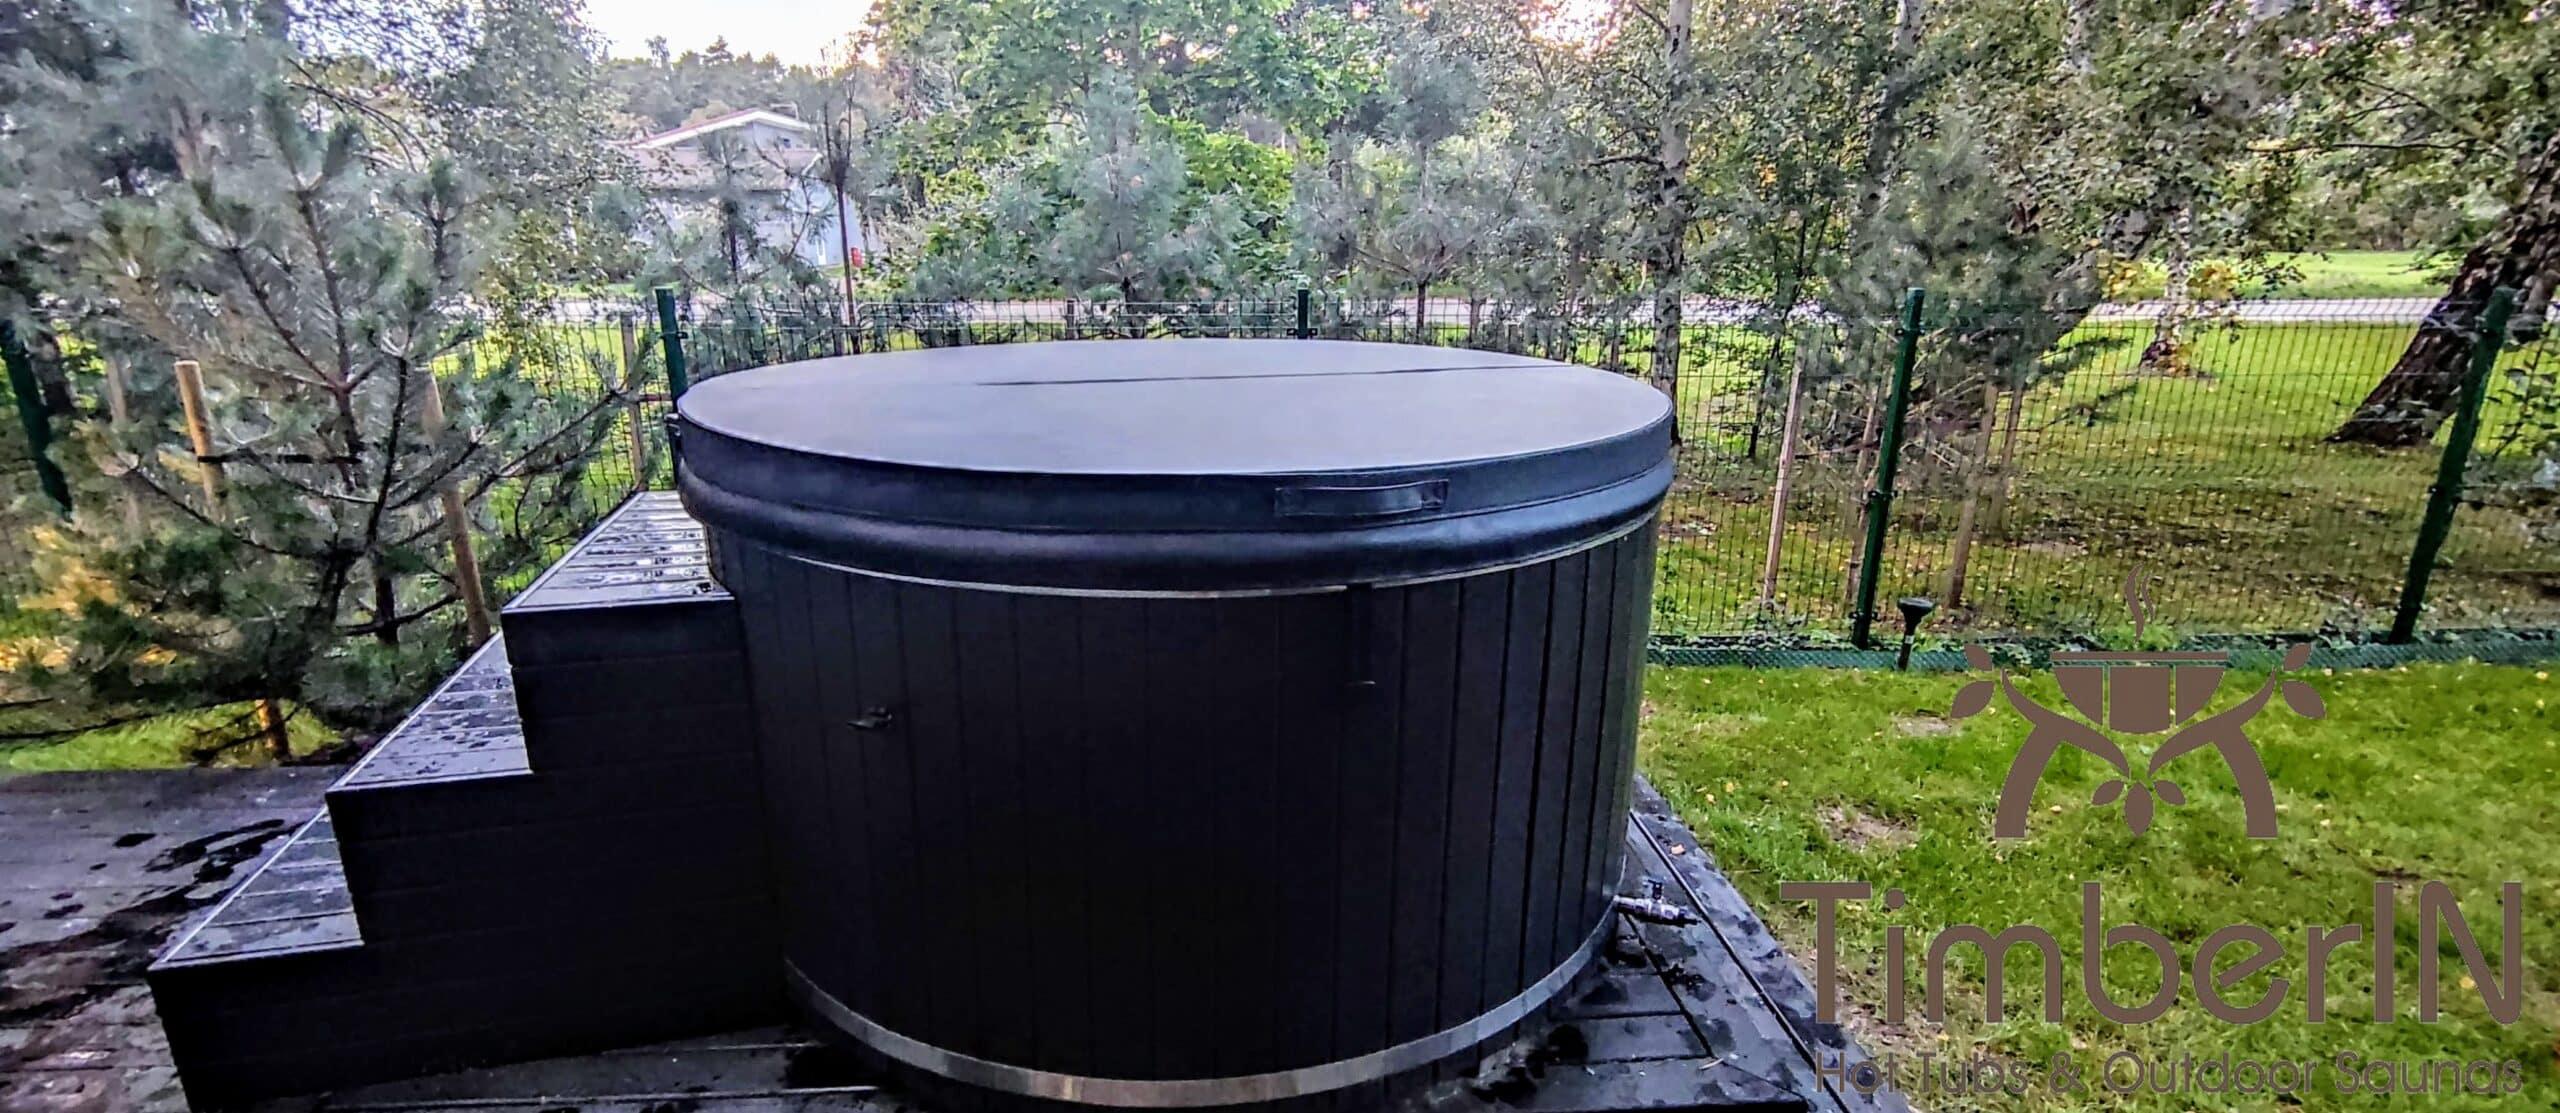 Badezuber elektrisch beheizt mit Elektroheizung 9 scaled